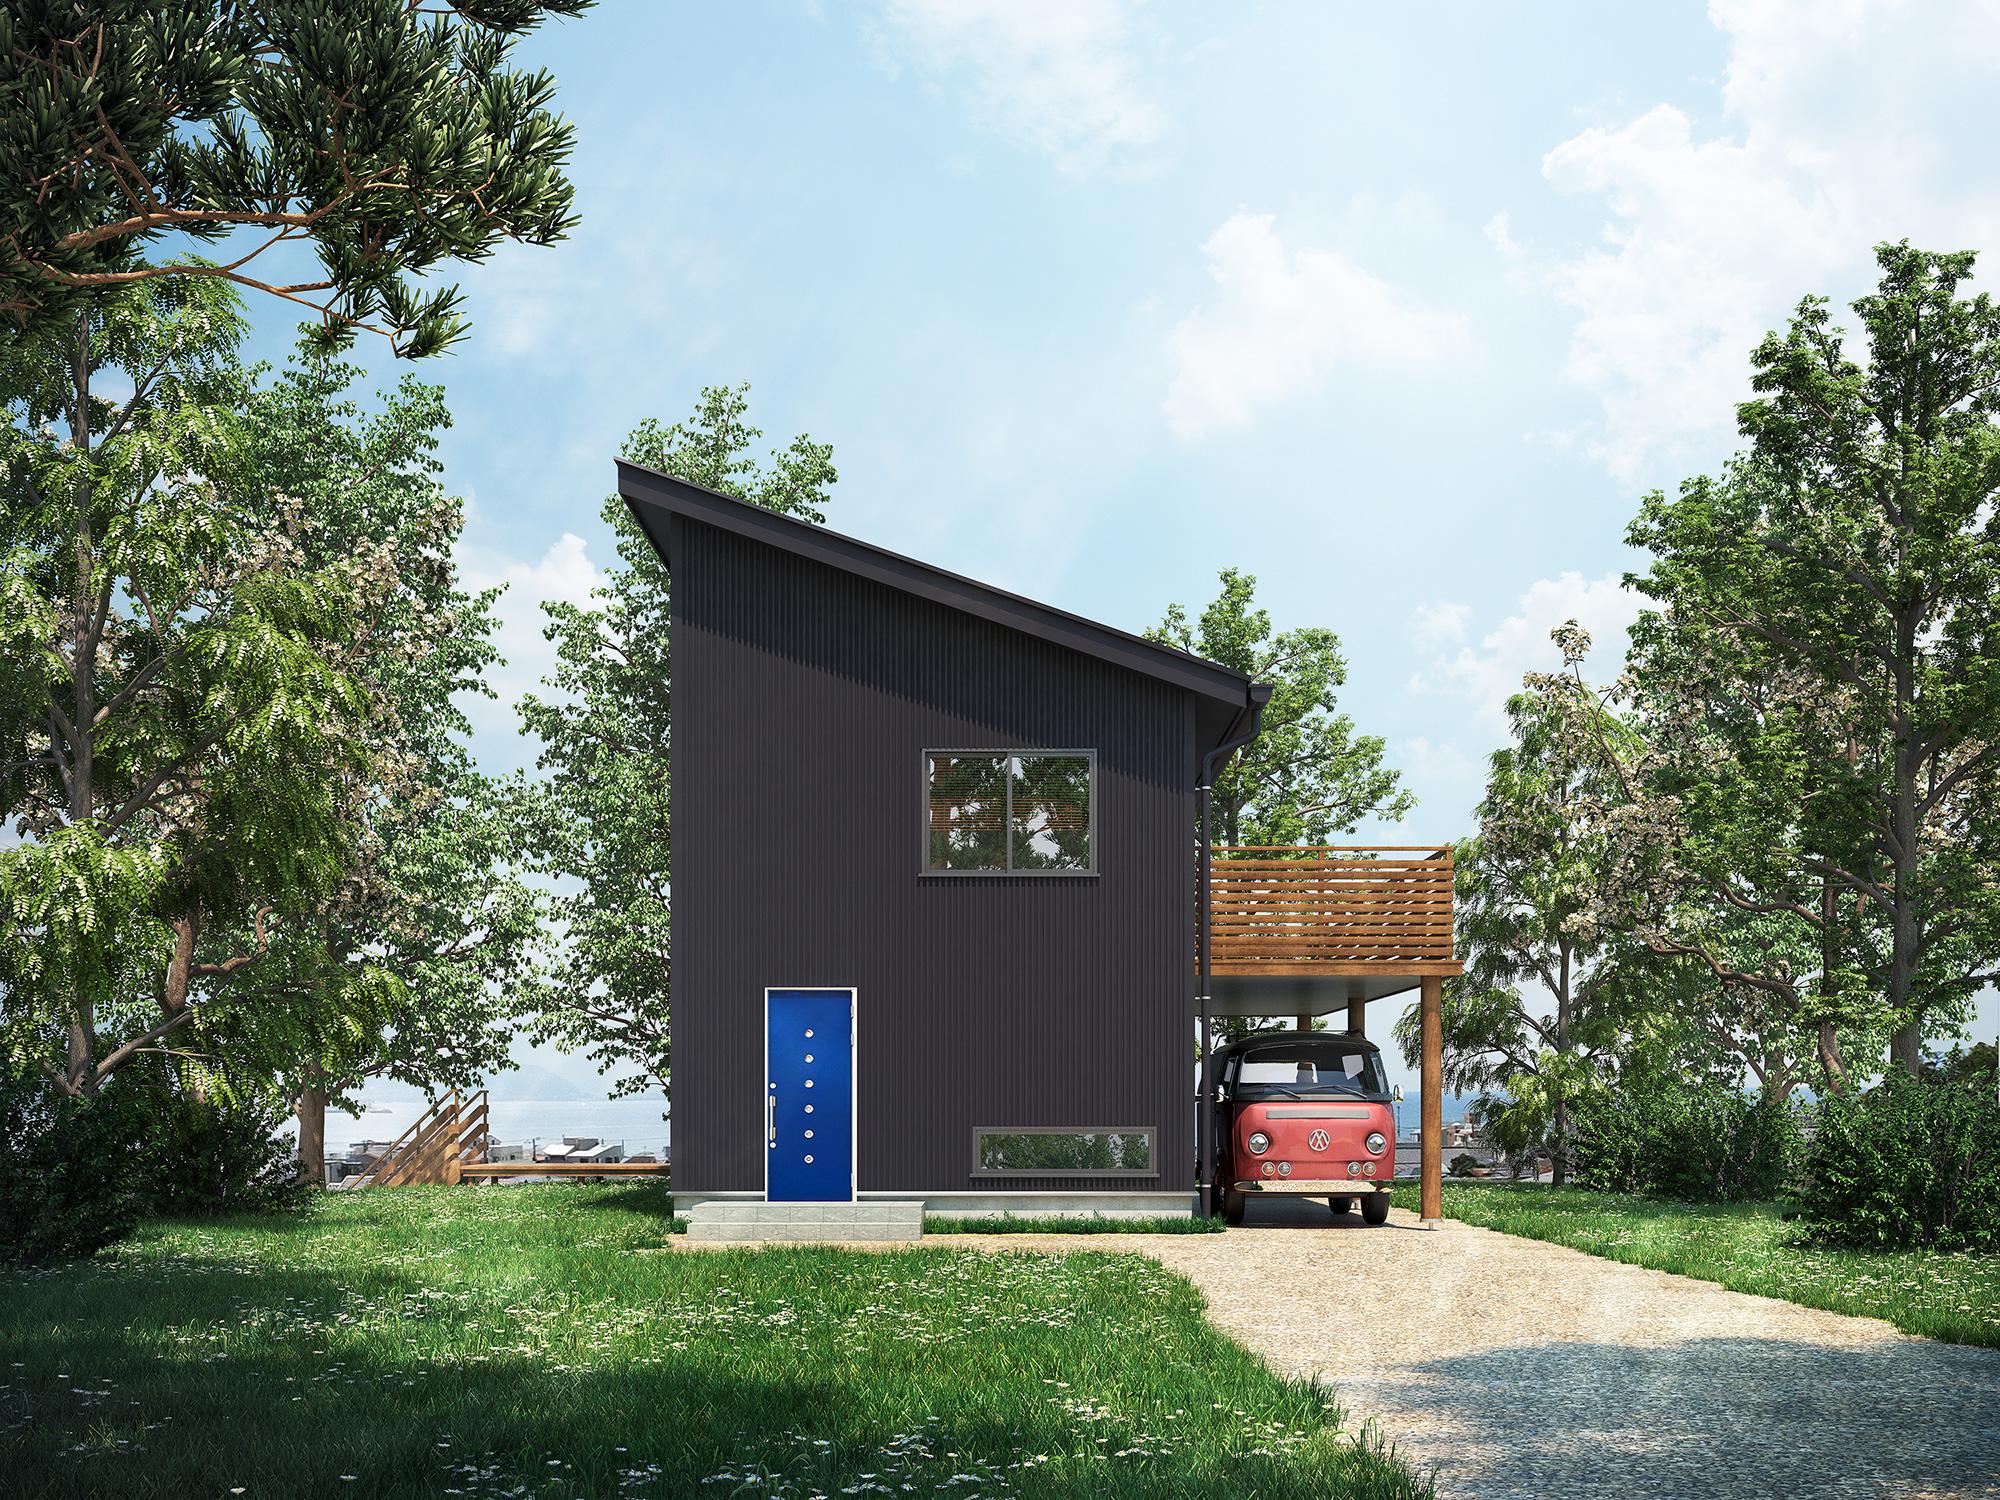 HQ-05 | 戸建て住宅パース